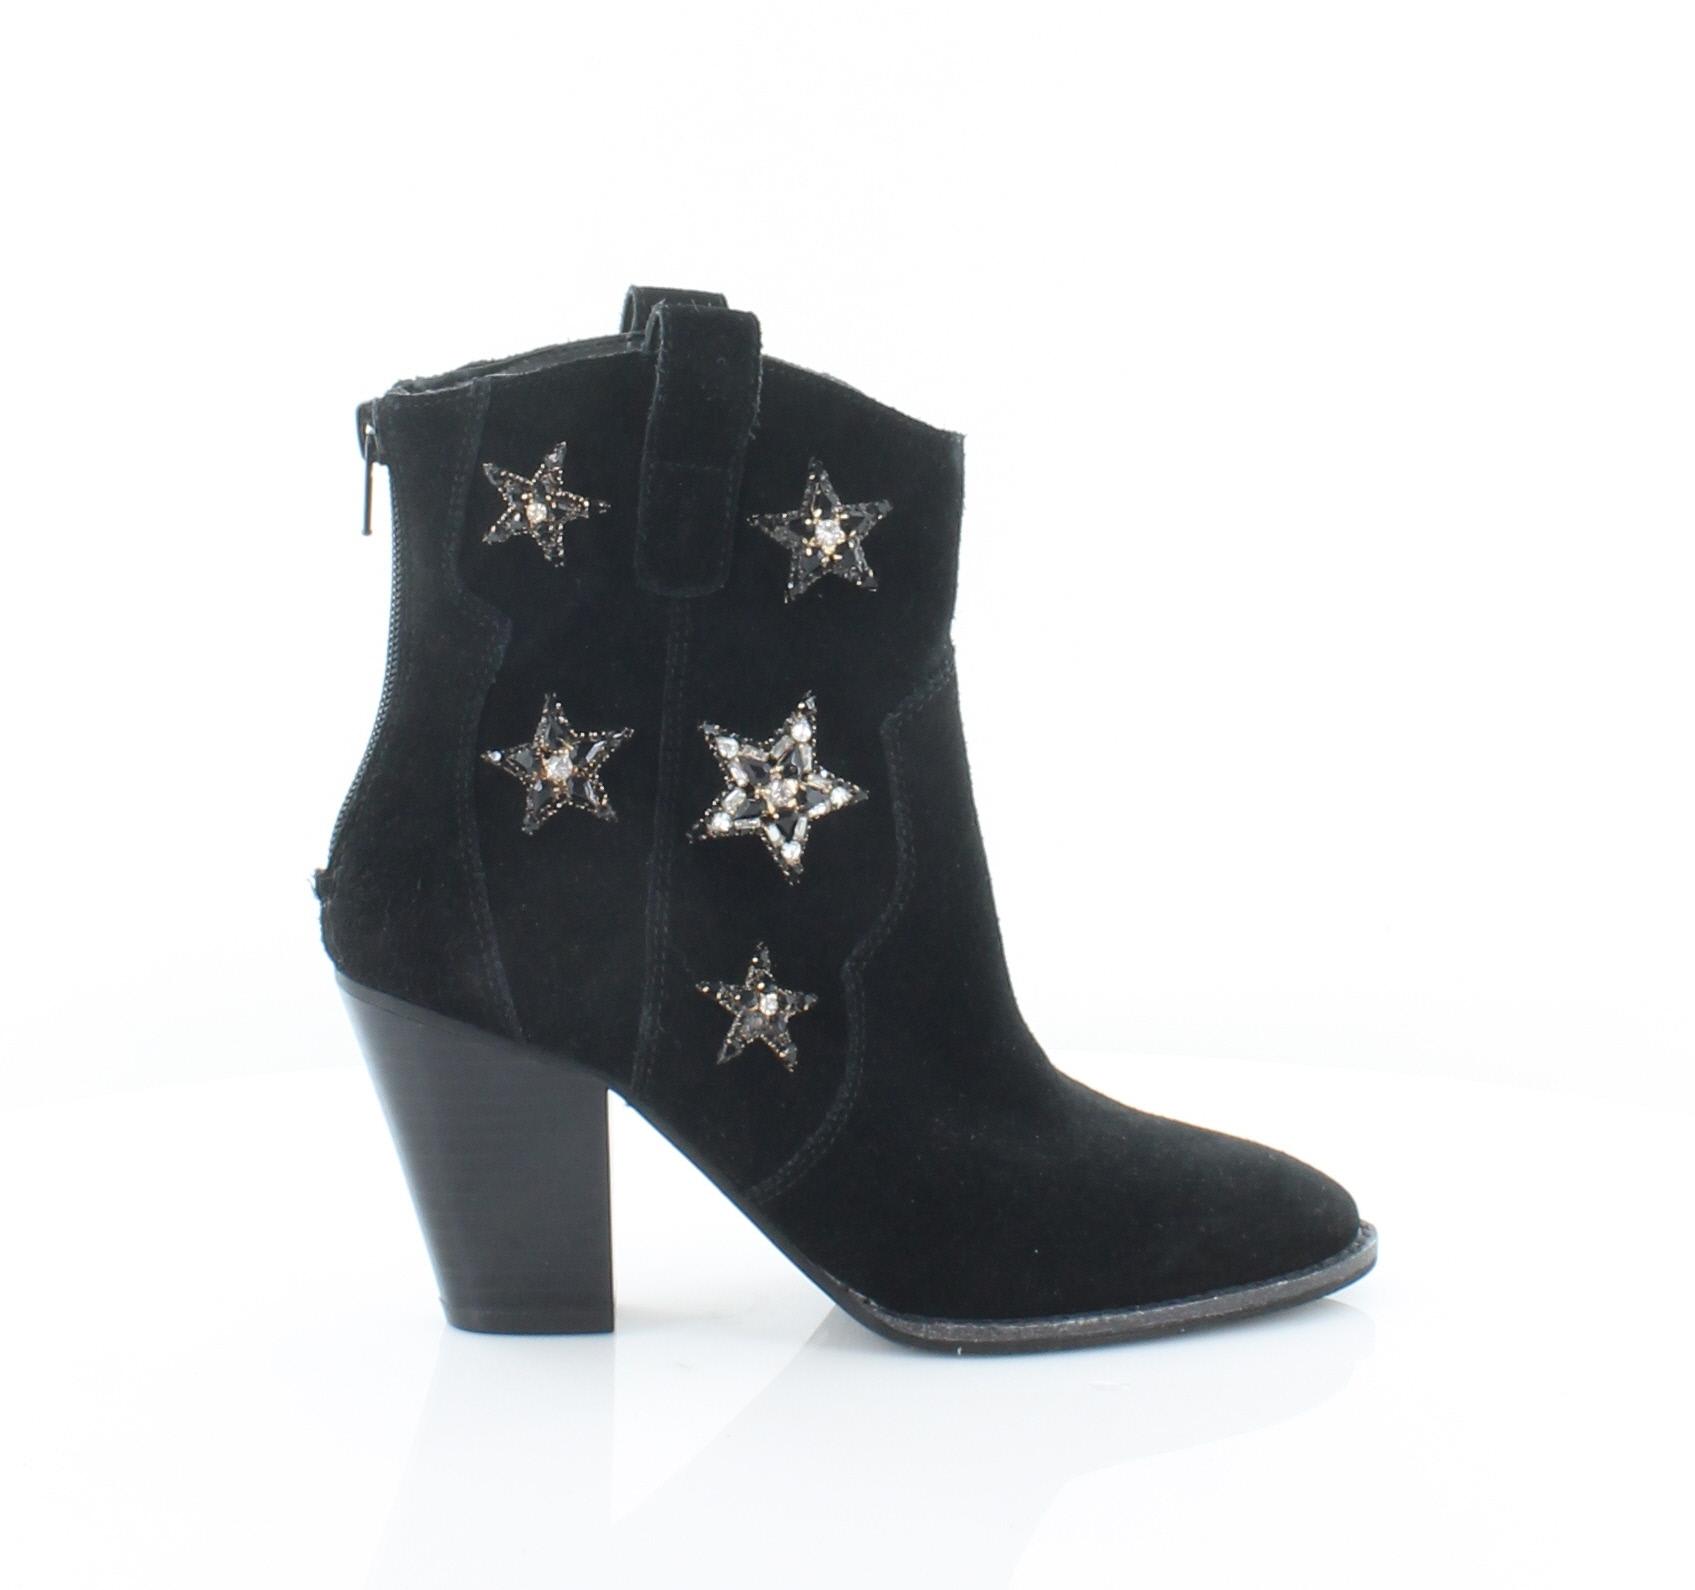 Incluye conceptos internacionales dazzlerr Negro botas Zapatos para mujer  5 M precio minorista sugerido por el fabricante  mujer 159.99 612b39